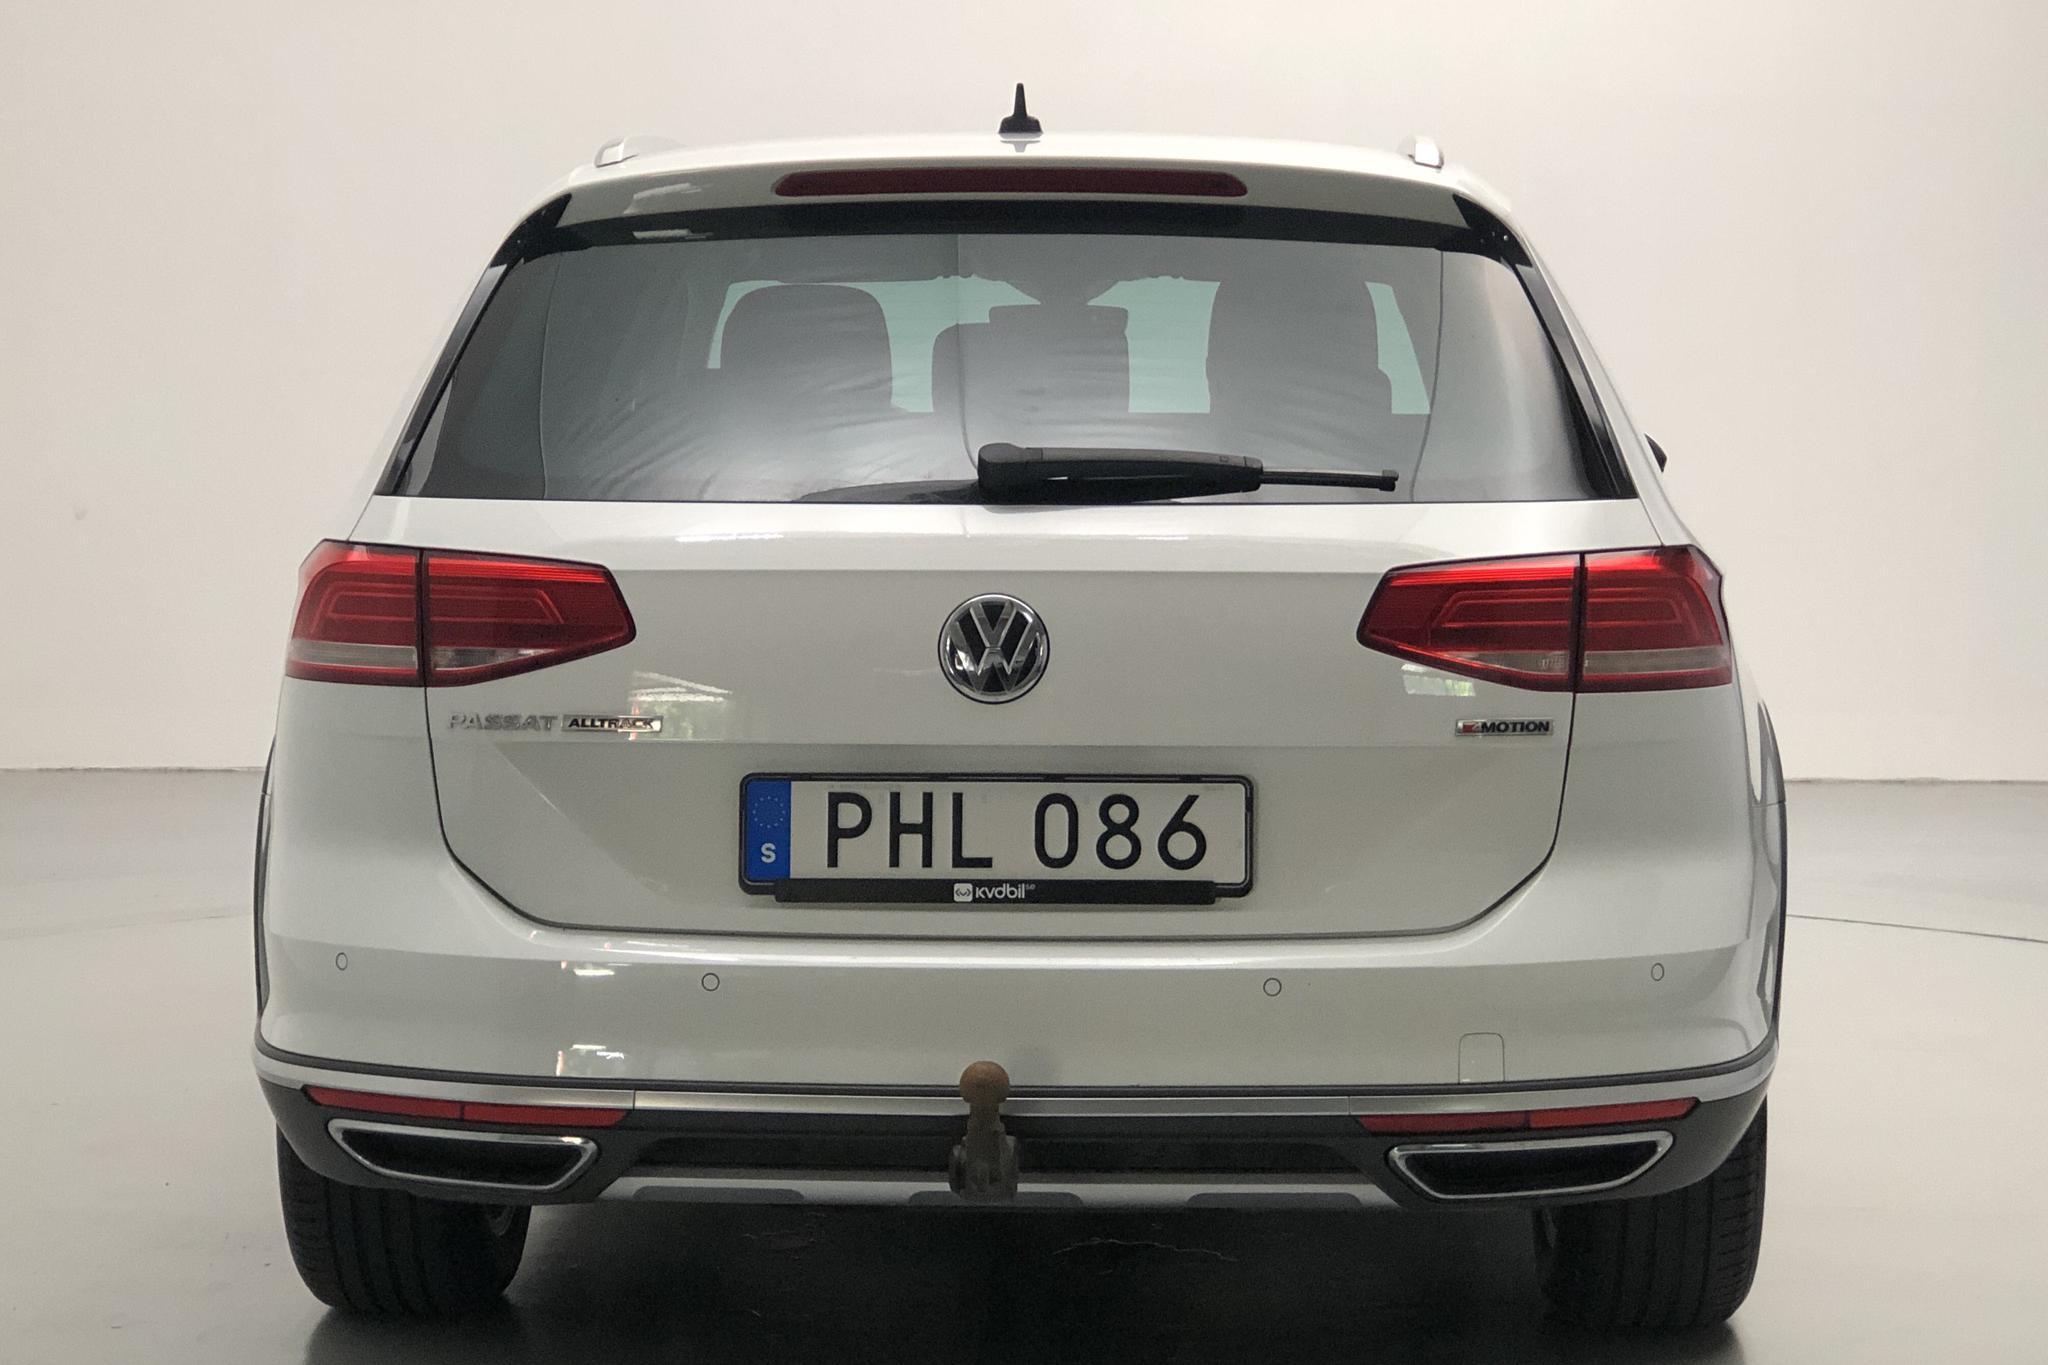 VW Passat 2.0 TDI Sportscombi 4MOTION (190hk) - 8 143 mil - Automat - vit - 2018